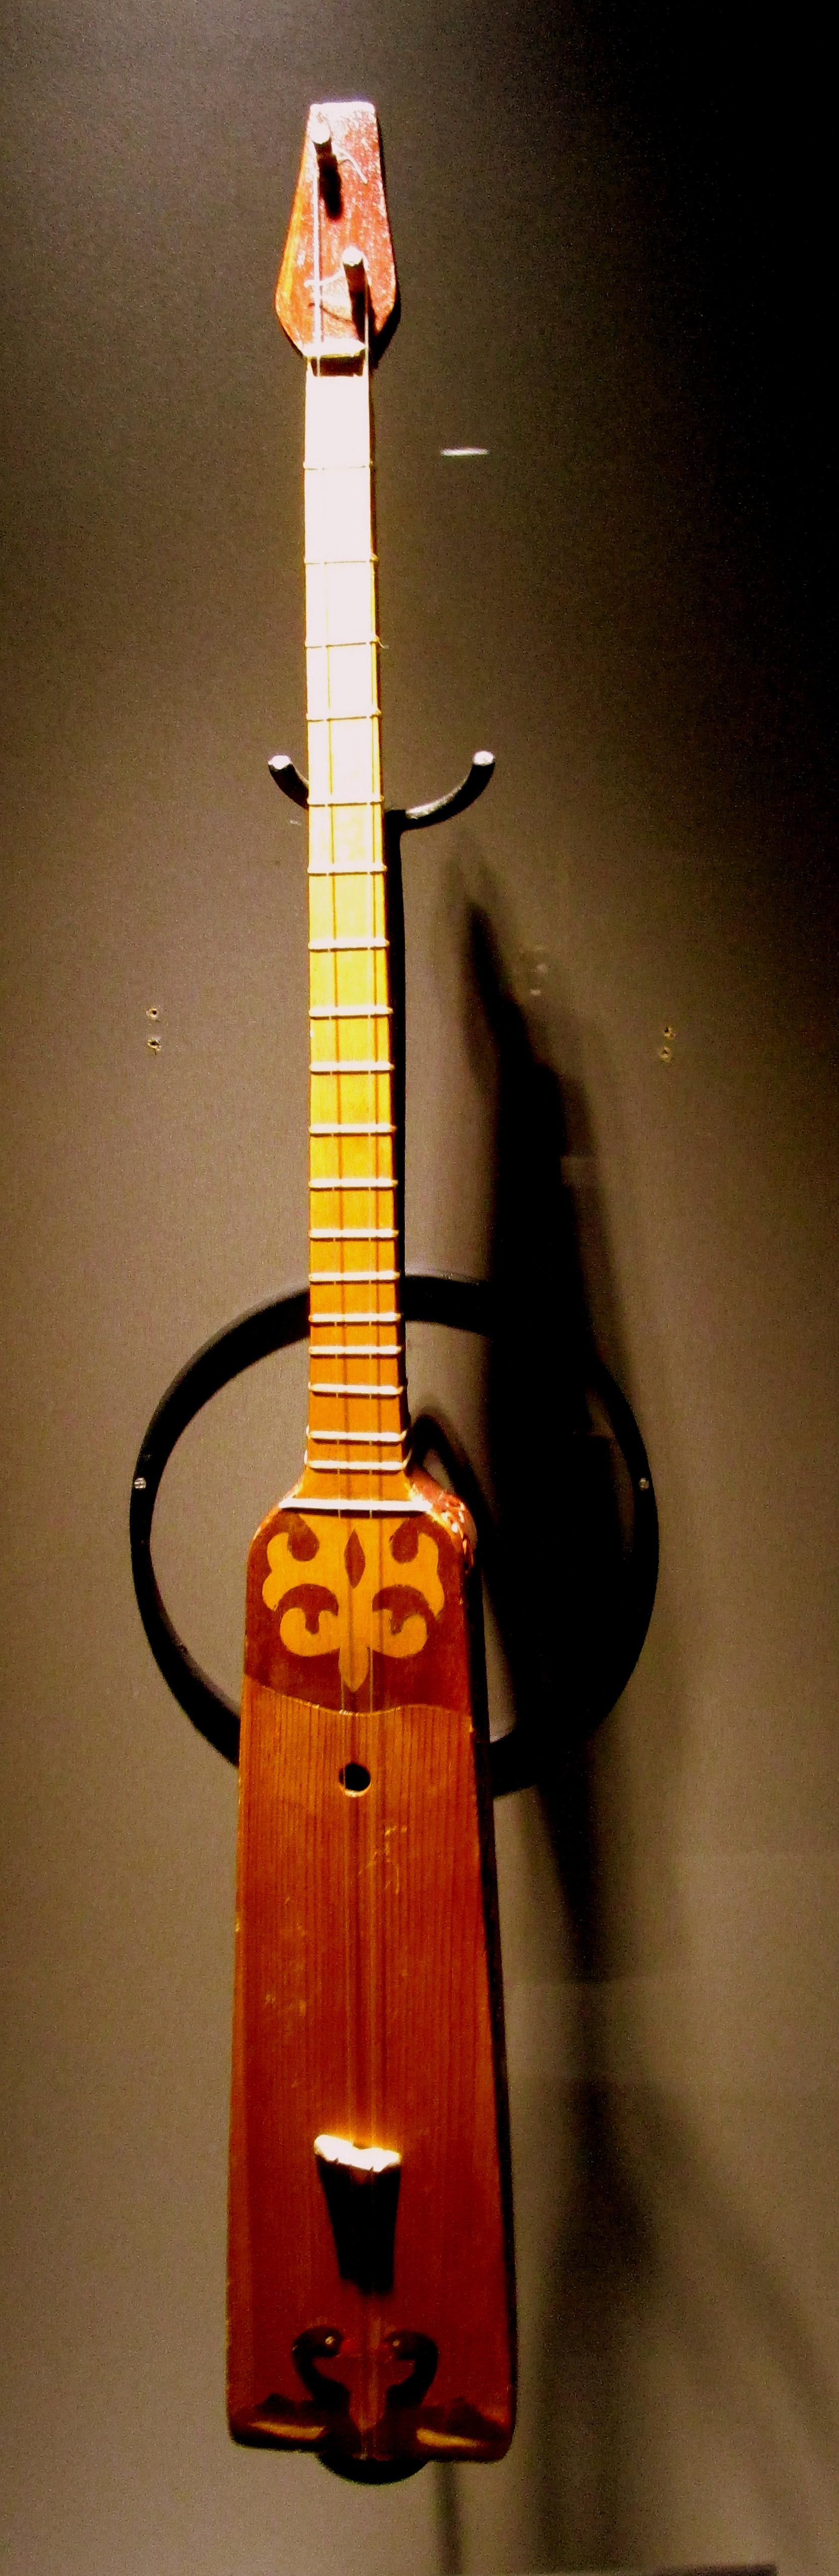 musical instrument museum   kazakhstan   pinterest   musical instruments